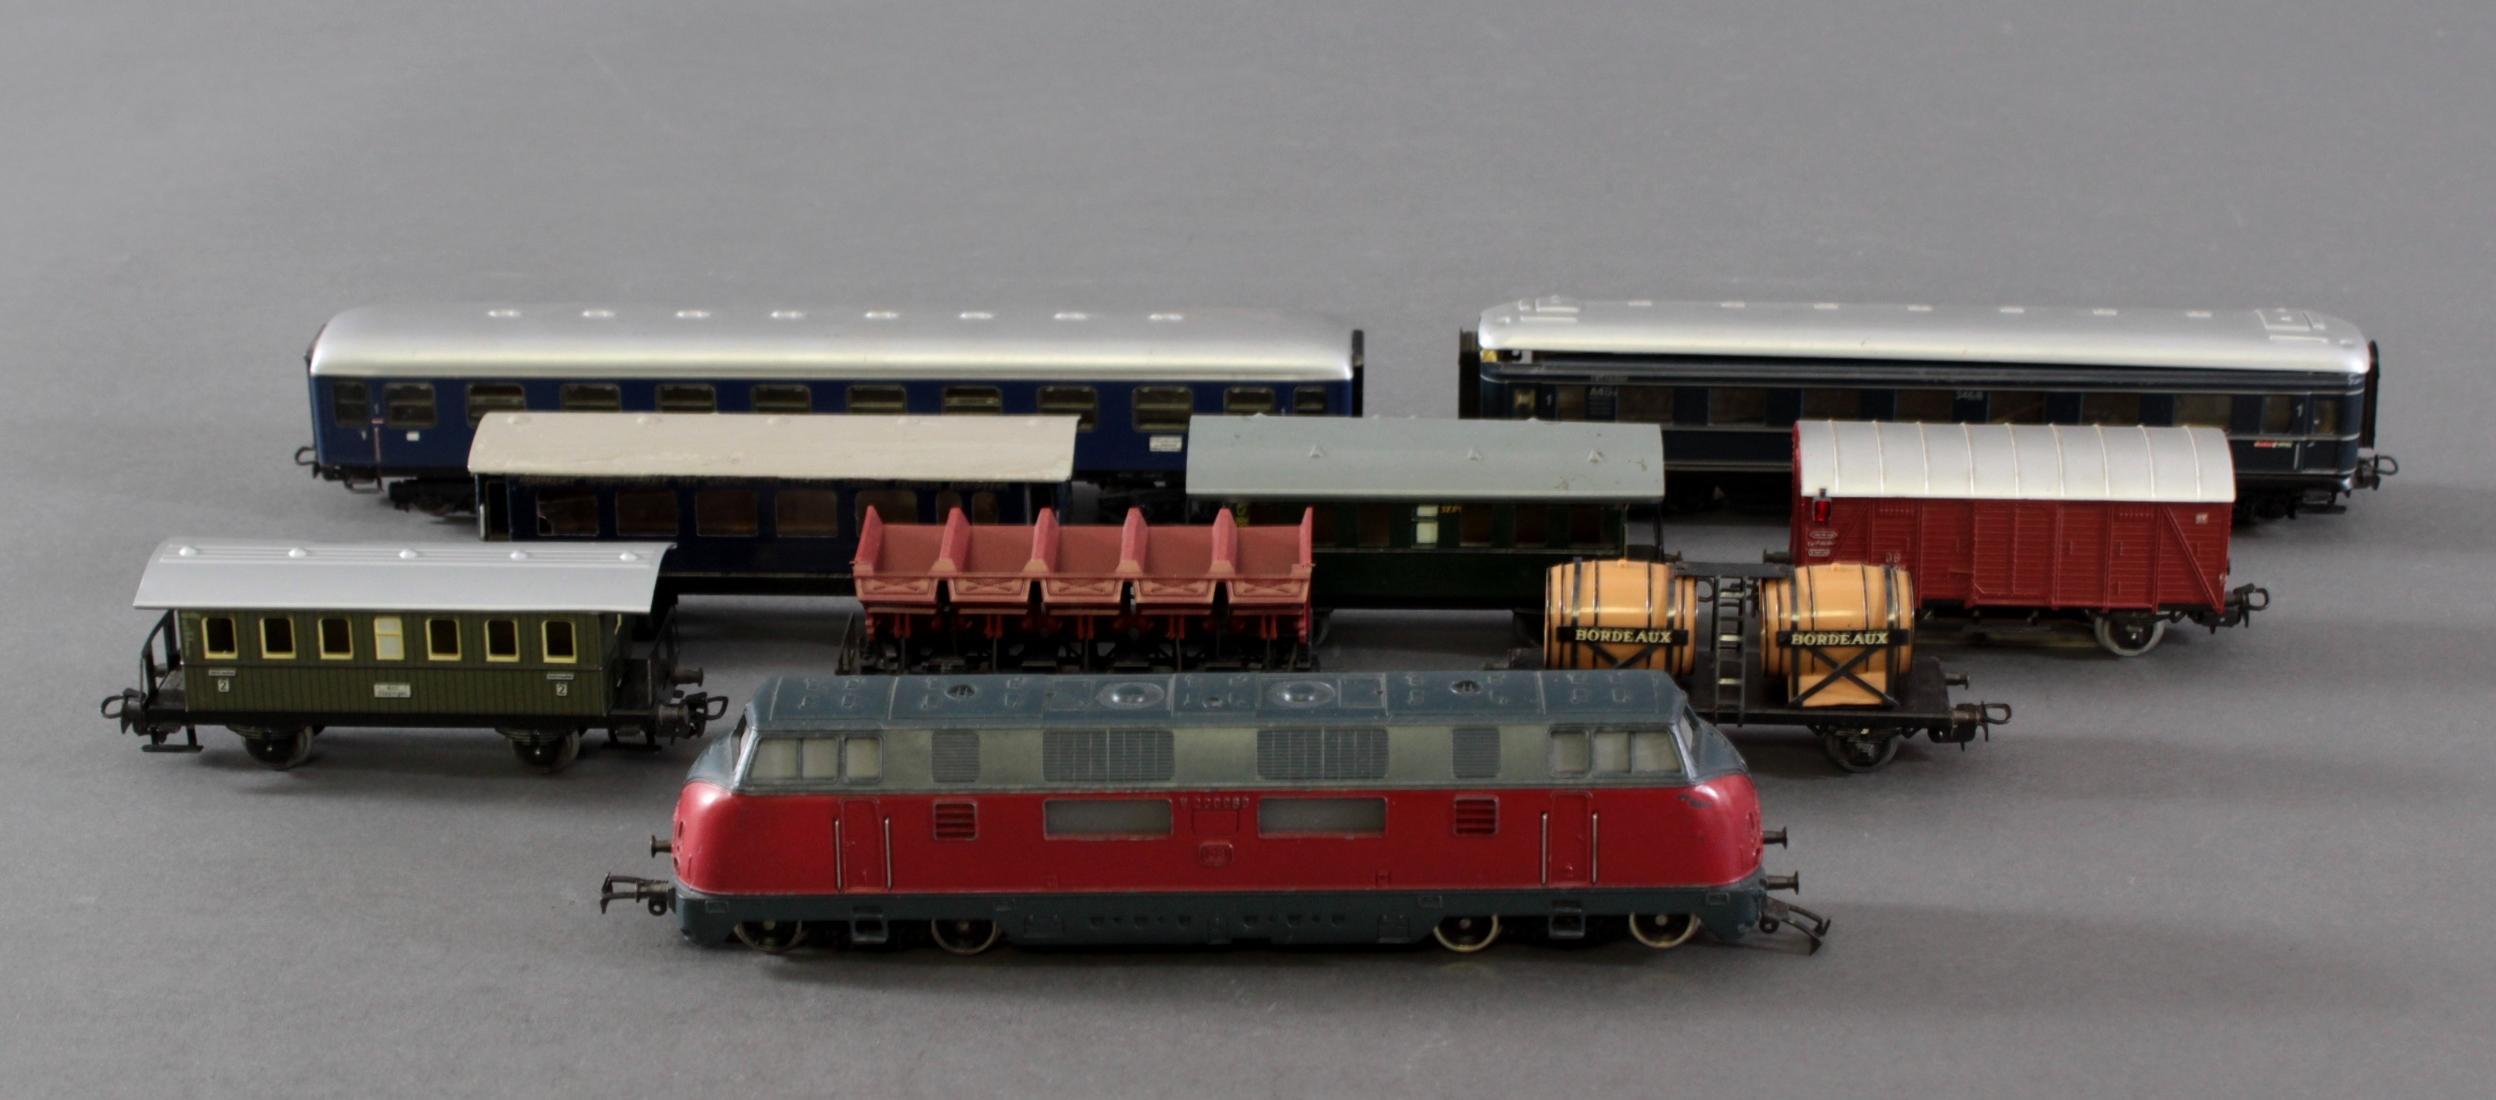 Märklin E-Lok V 200060 mit 3 Güter- und 5 Personenwaggons, Spur H0